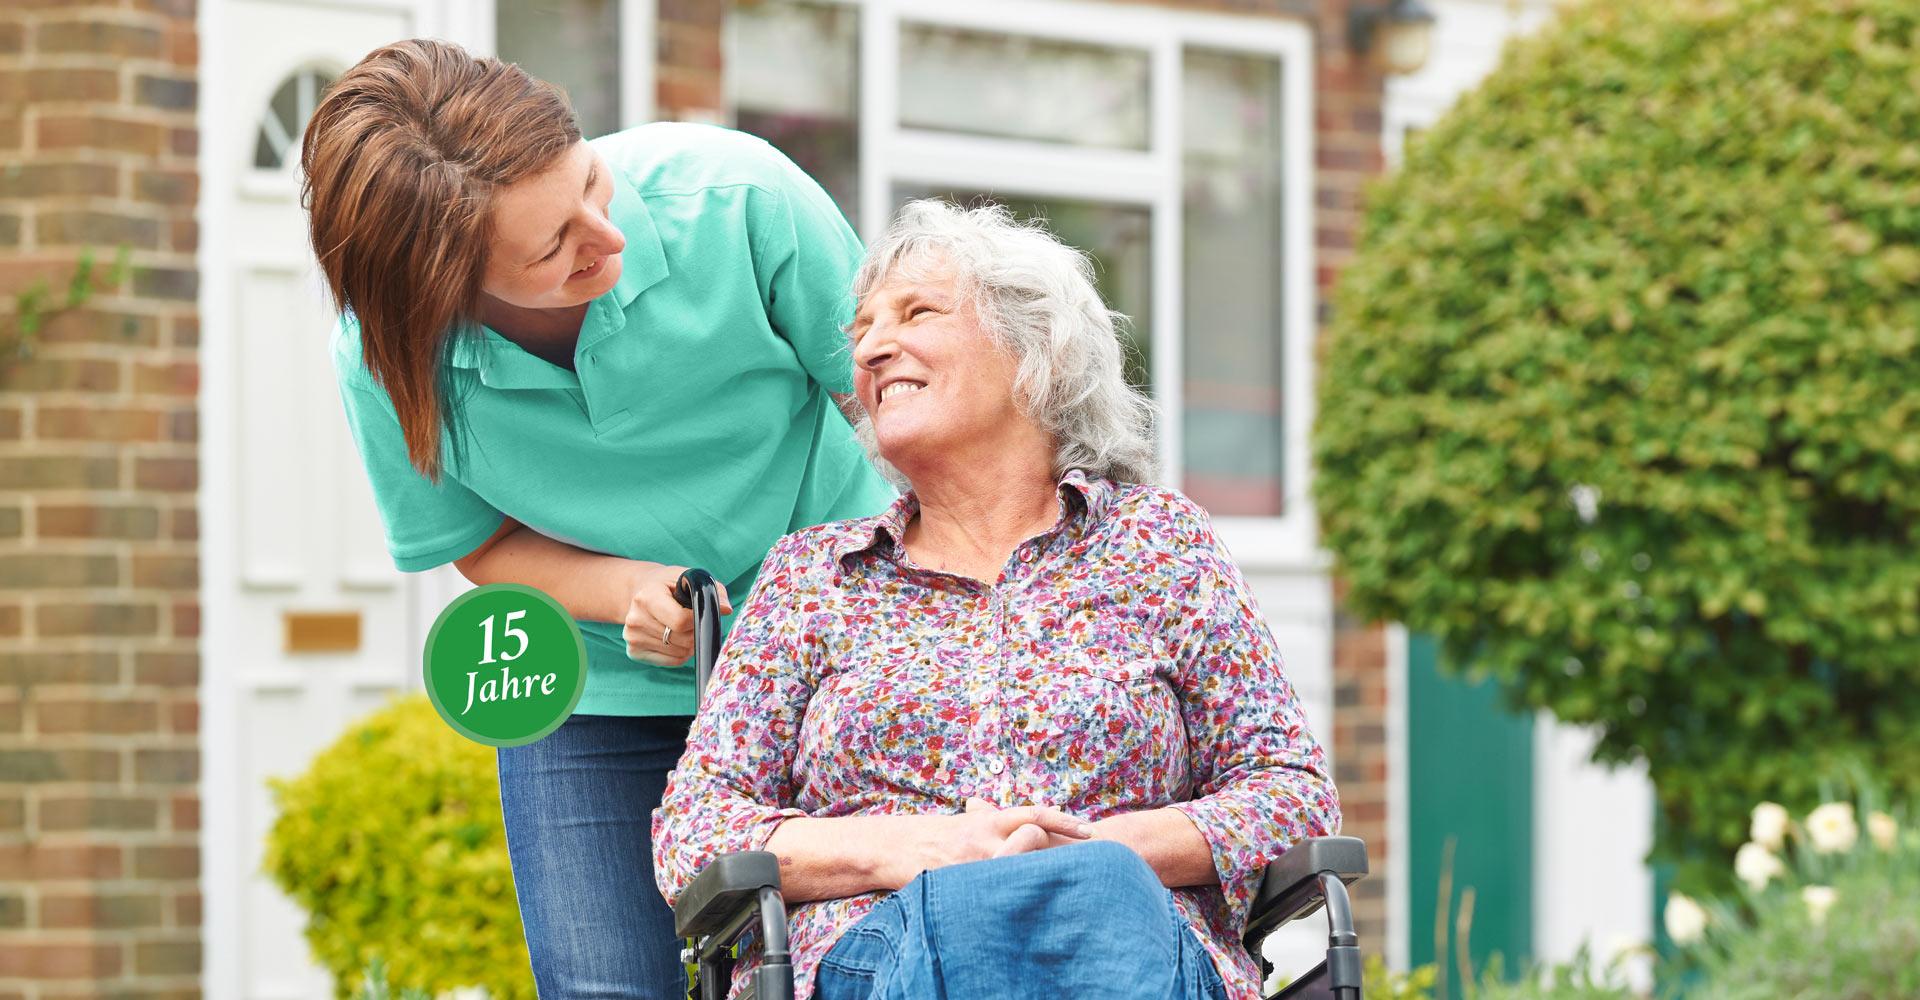 Seniorenbetreuung ab Pflegegrad 1 seit 15 Jahren